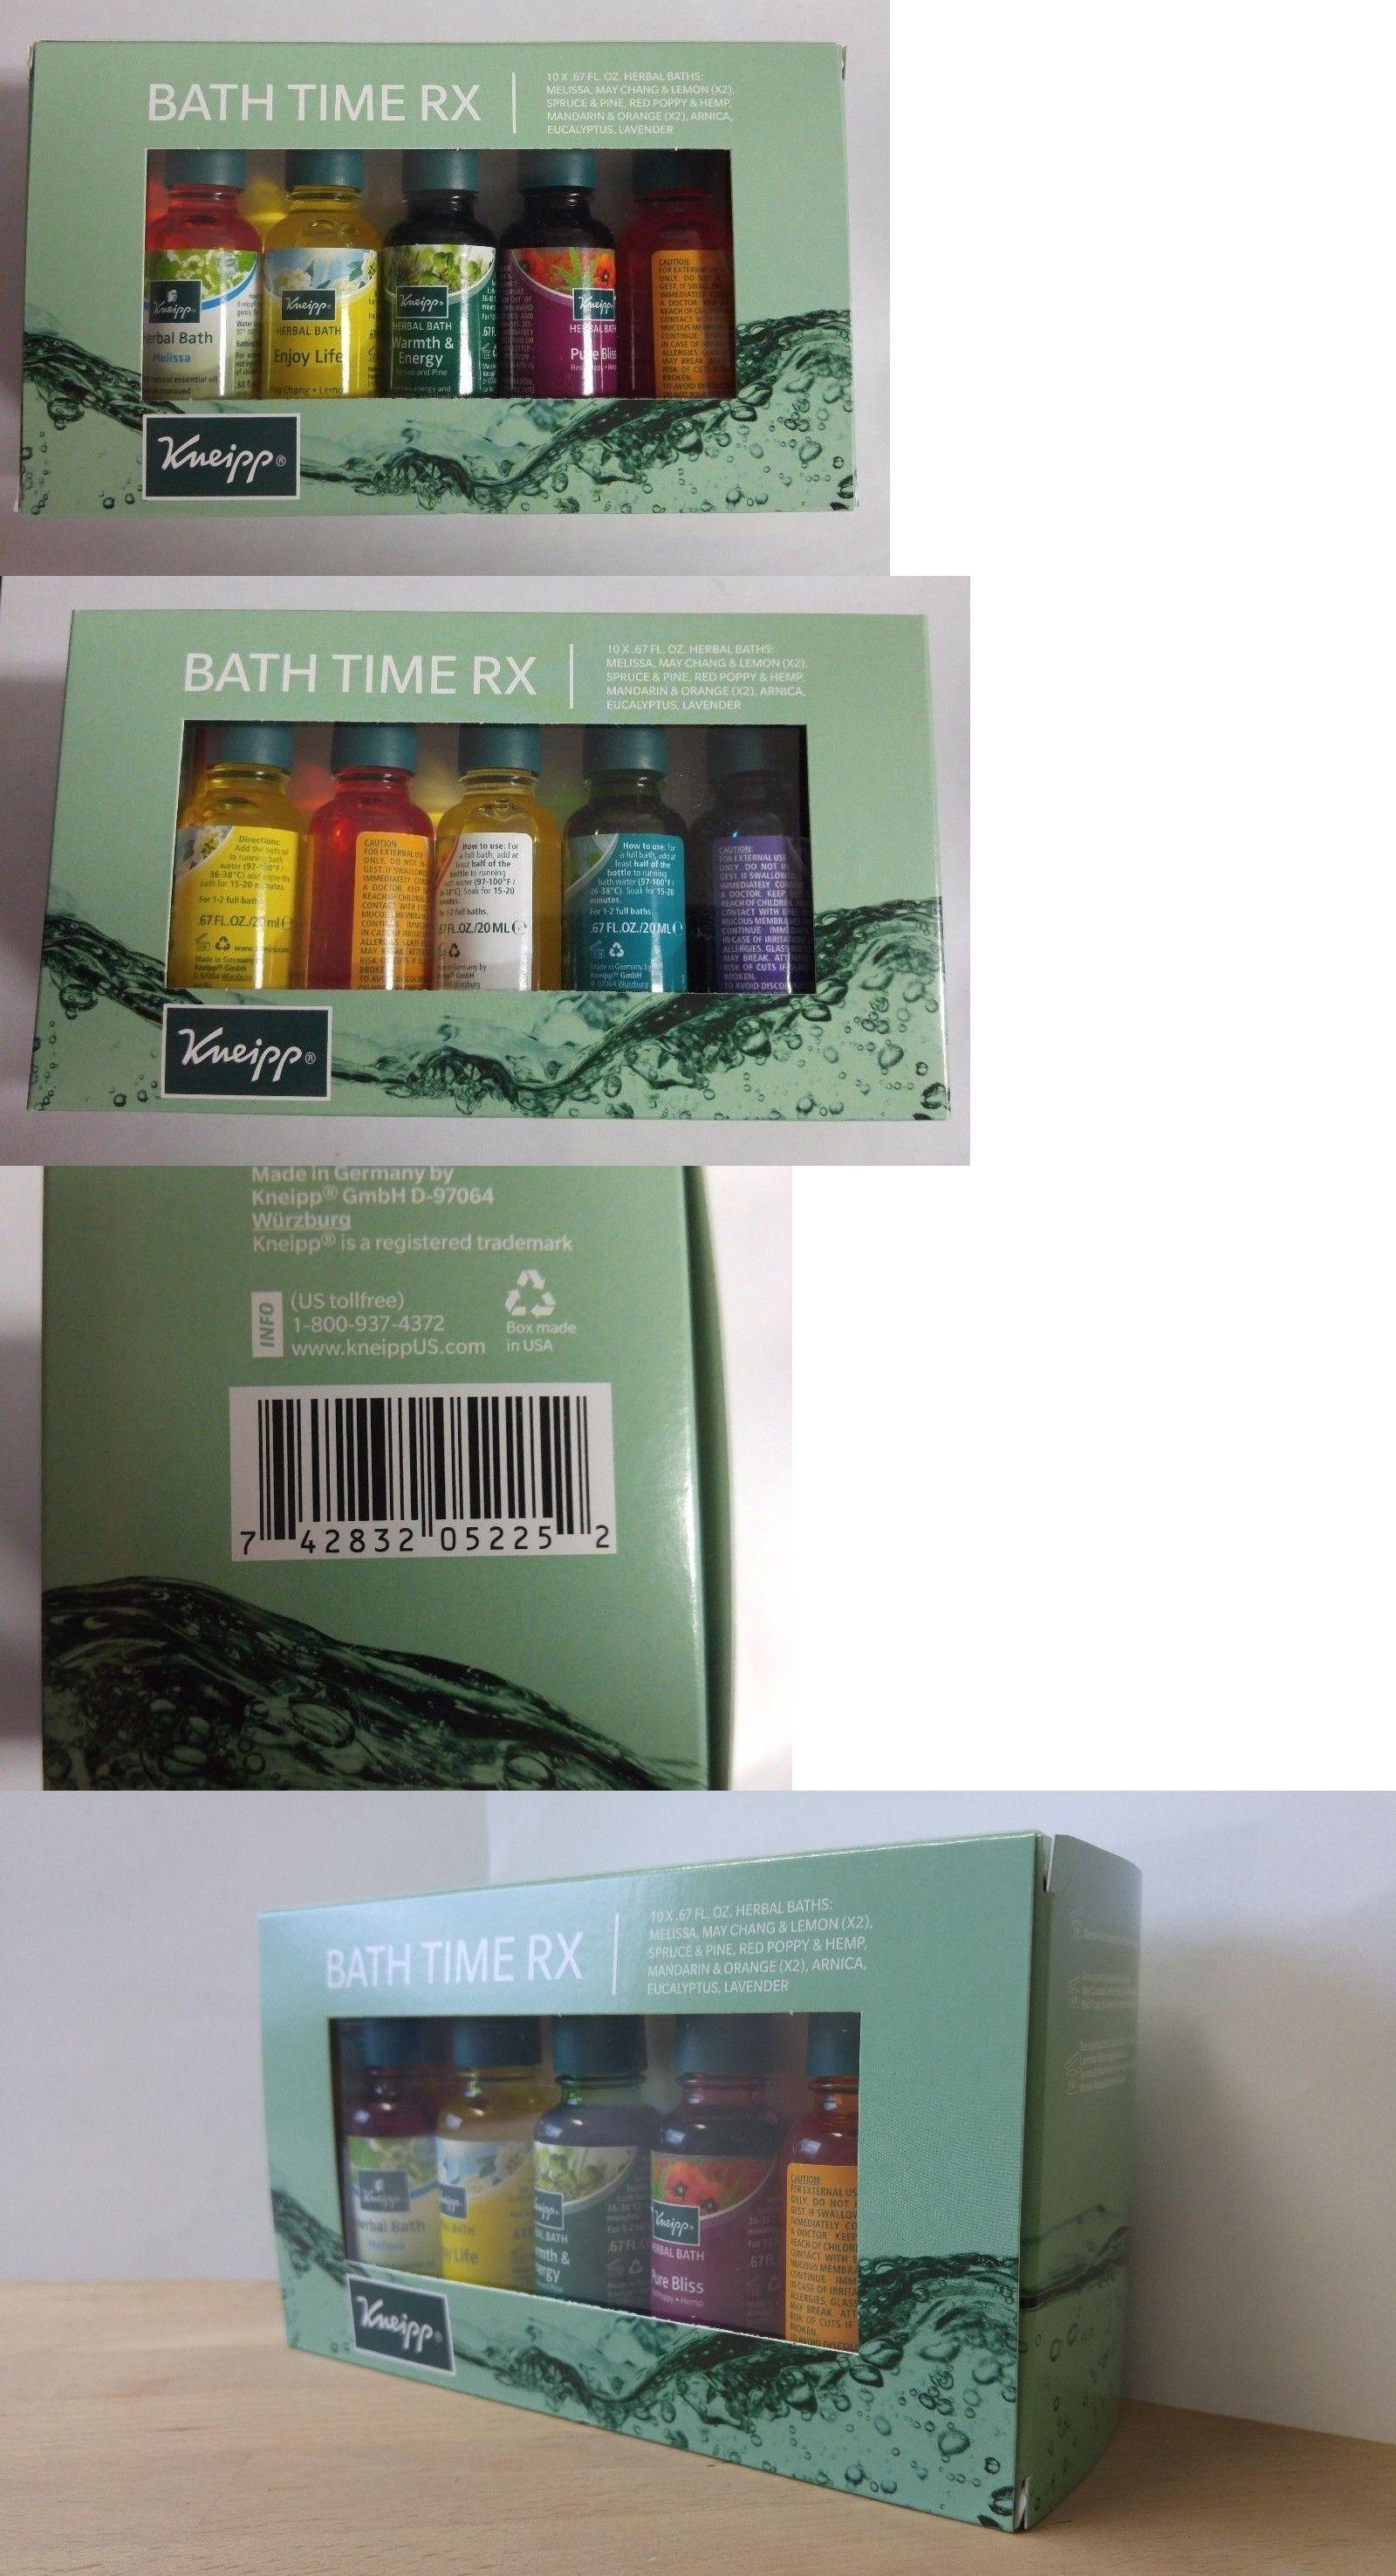 Bath Oils Kneipp Bath Time Rx Herbal Bath Set 10 Bottles Buy It Now Only 38 99 On Ebay Herbal Bath Bath Sets Bath Oils